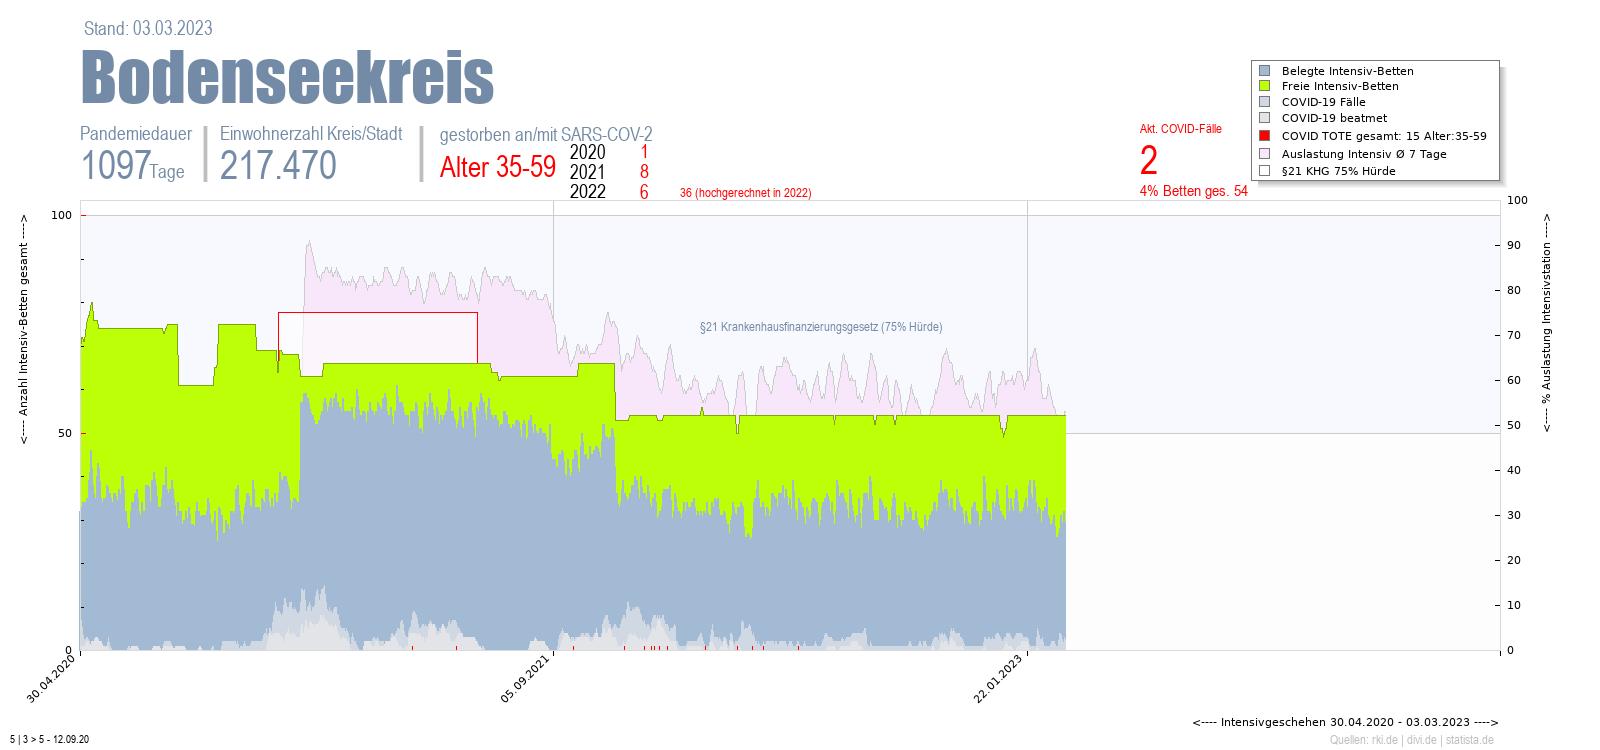 Intensivstation Auslastung Bodenseekreis Alter 0-4